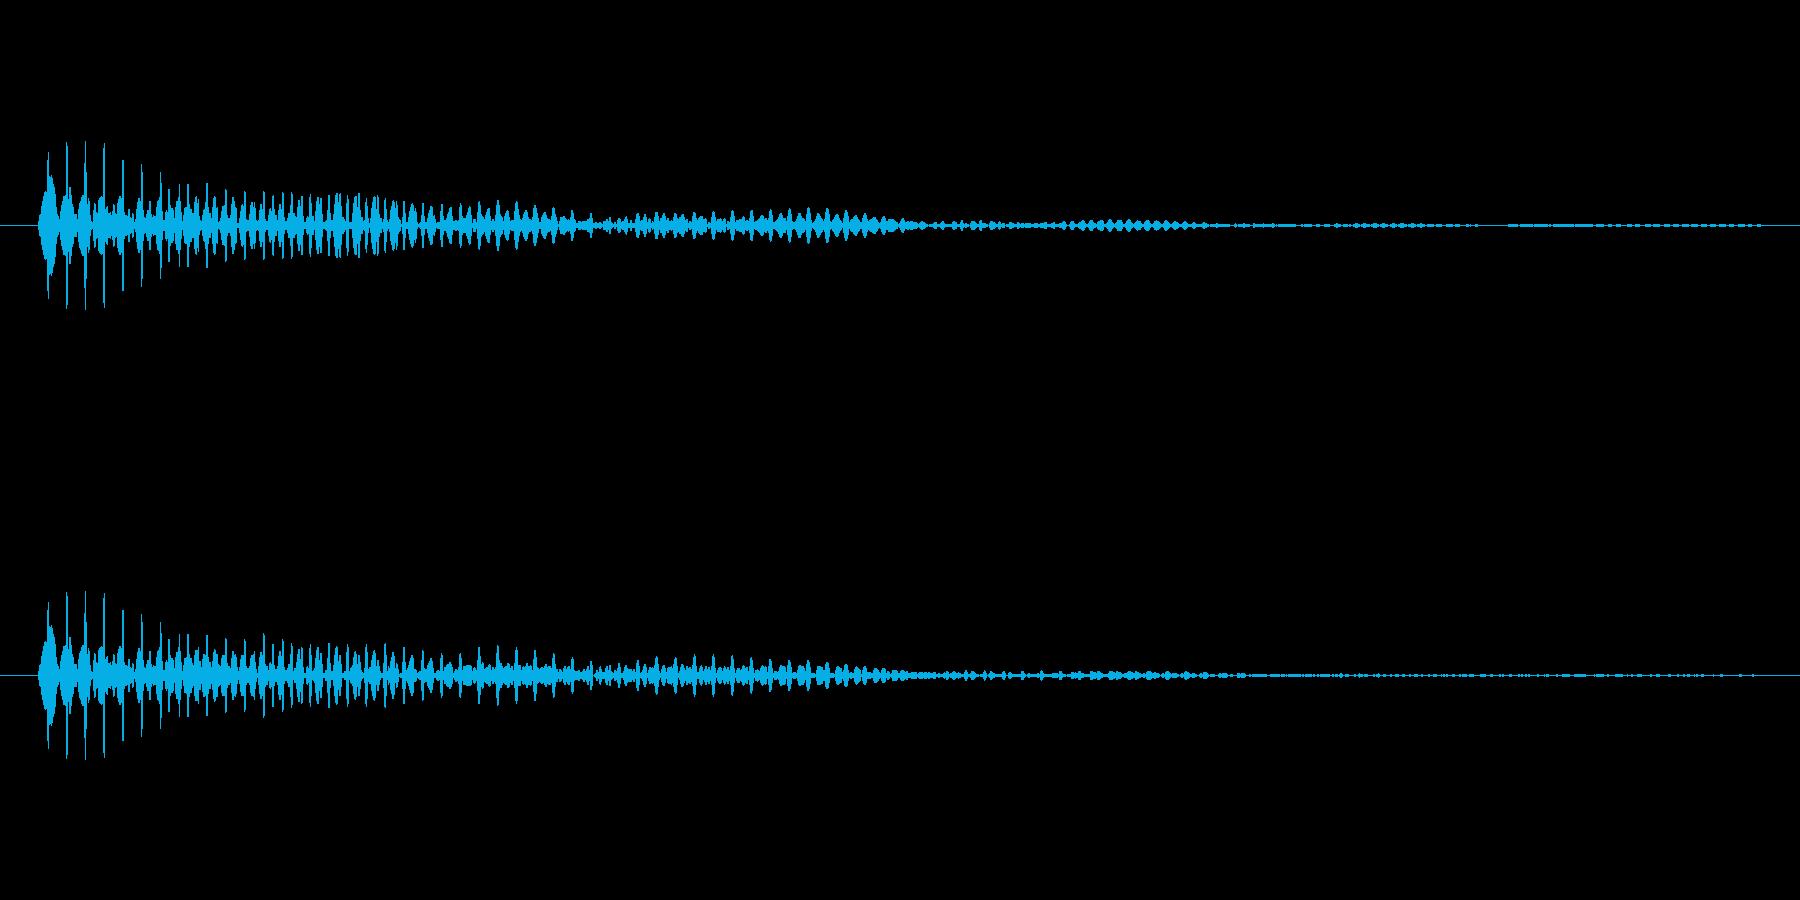 「ブンッ」という効果音ですの再生済みの波形